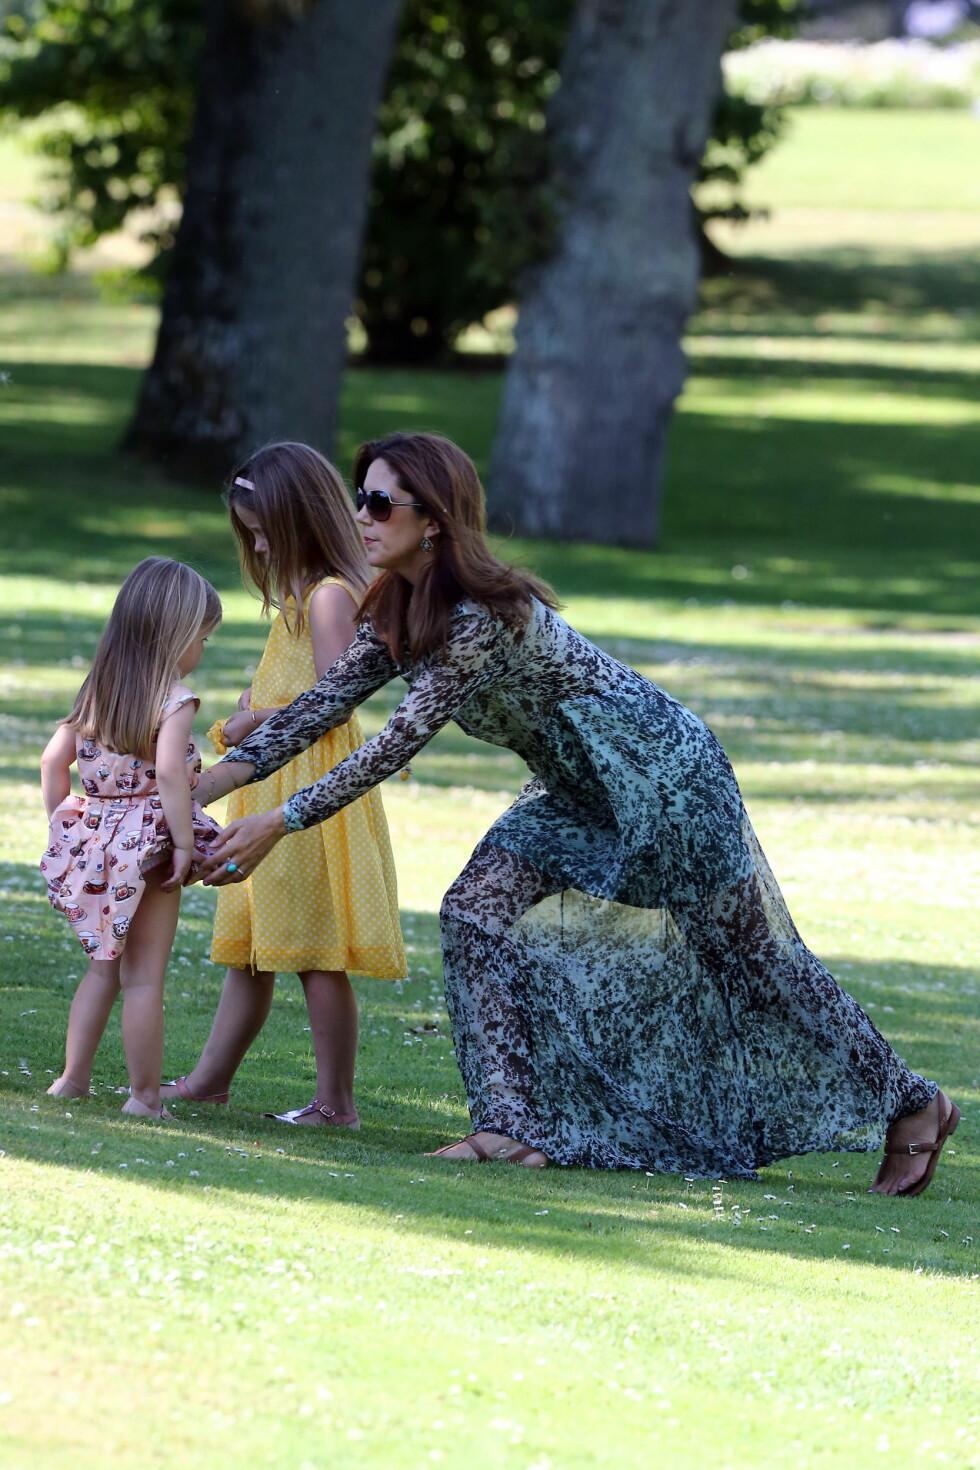 SKJØNN I GRØNN: Kronprinsesse Mary med døtrene Josephine og Isabella. Foto: action press/All Over Press